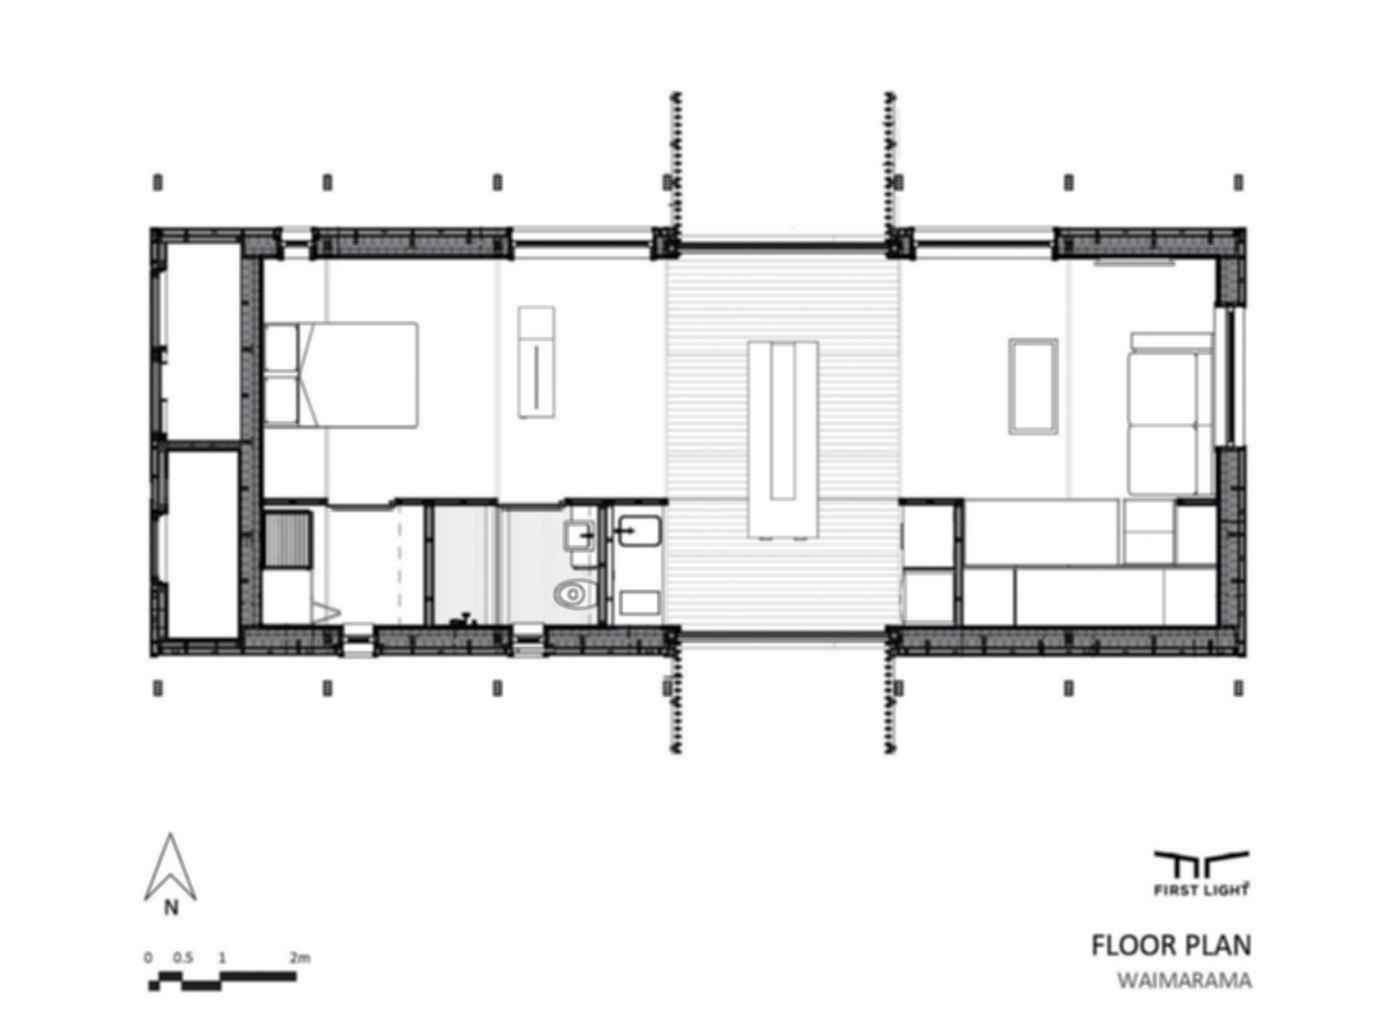 First Light House - Floor Plan